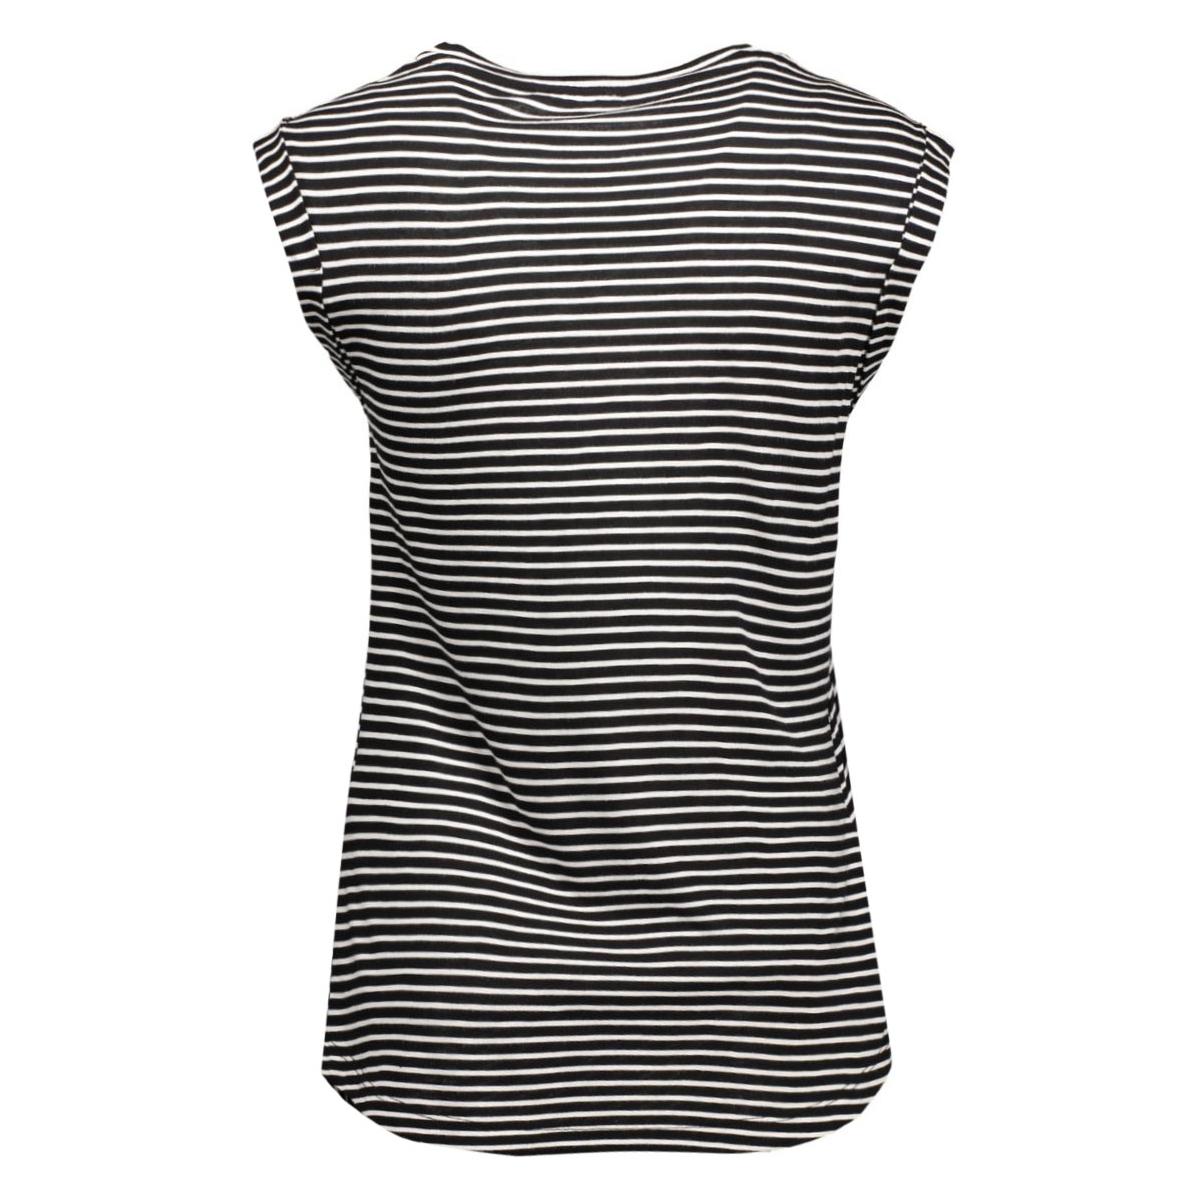 pctilla knot tee 17073940 pieces t-shirt black